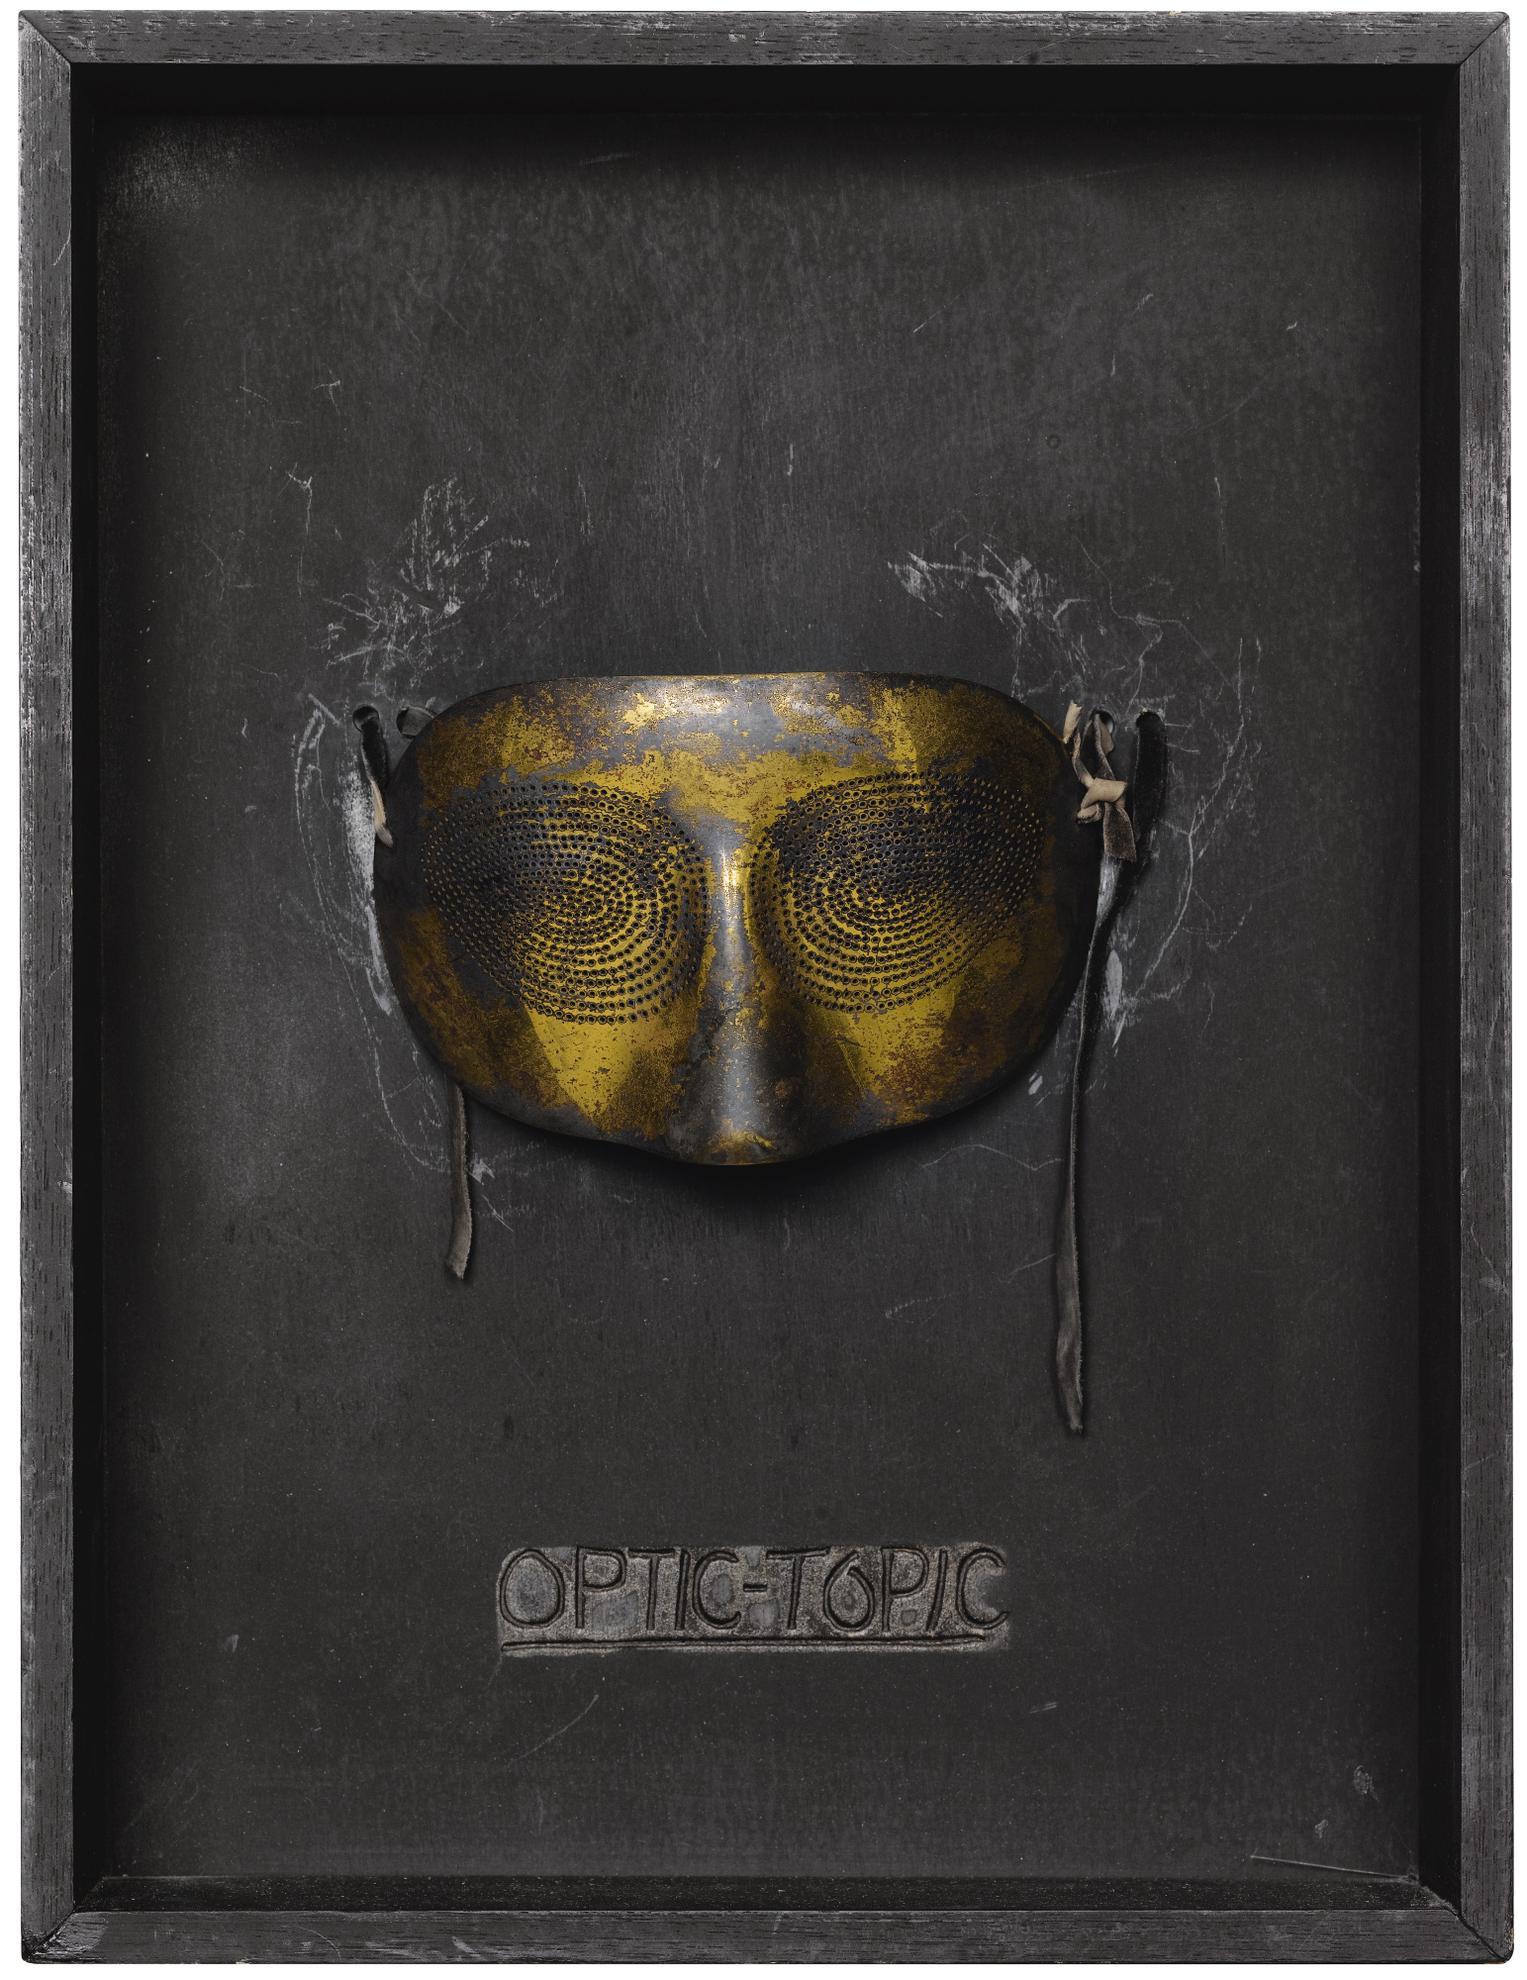 Man Ray-Optic-Topic-1978